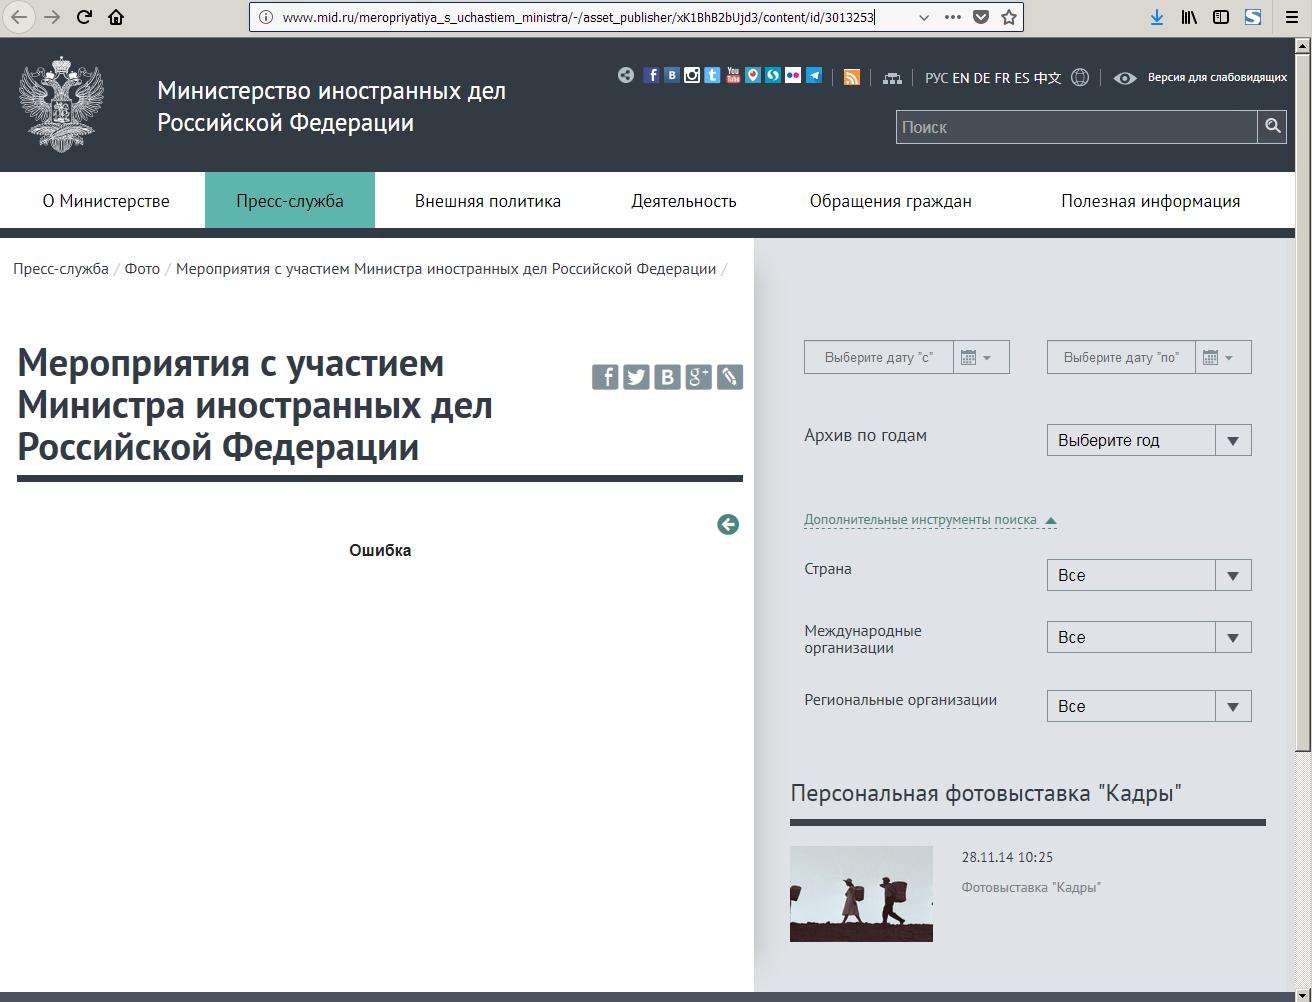 20180219_14-45-Мероприятия с участием Министра иностранных дел Российской Федерации-Ошибка